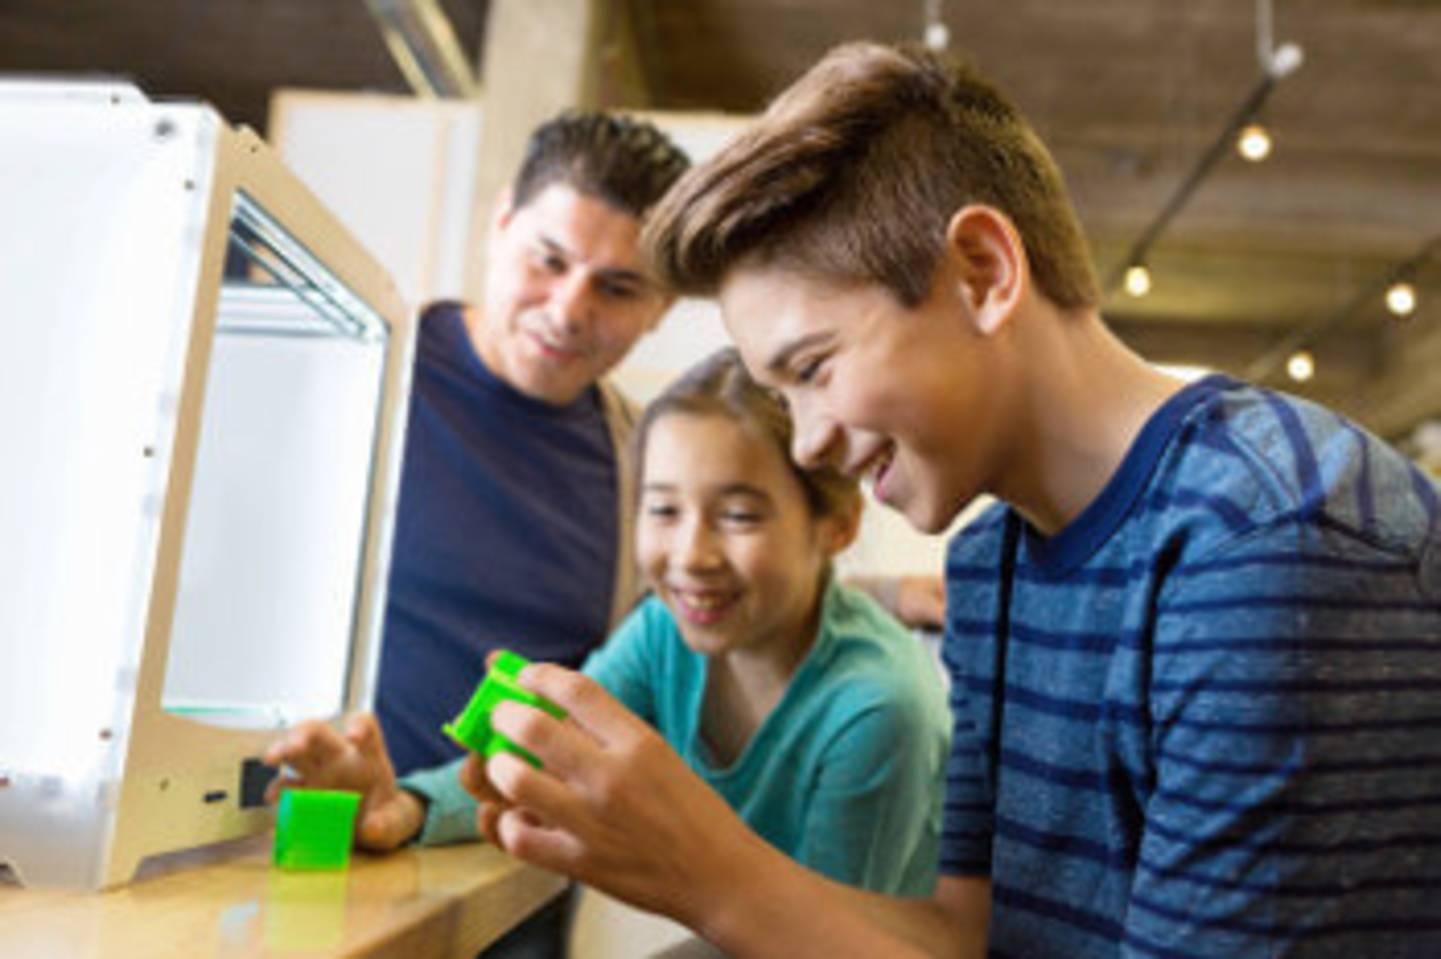 Infrastructure digitale : les imprimantes 3D sont également possibles